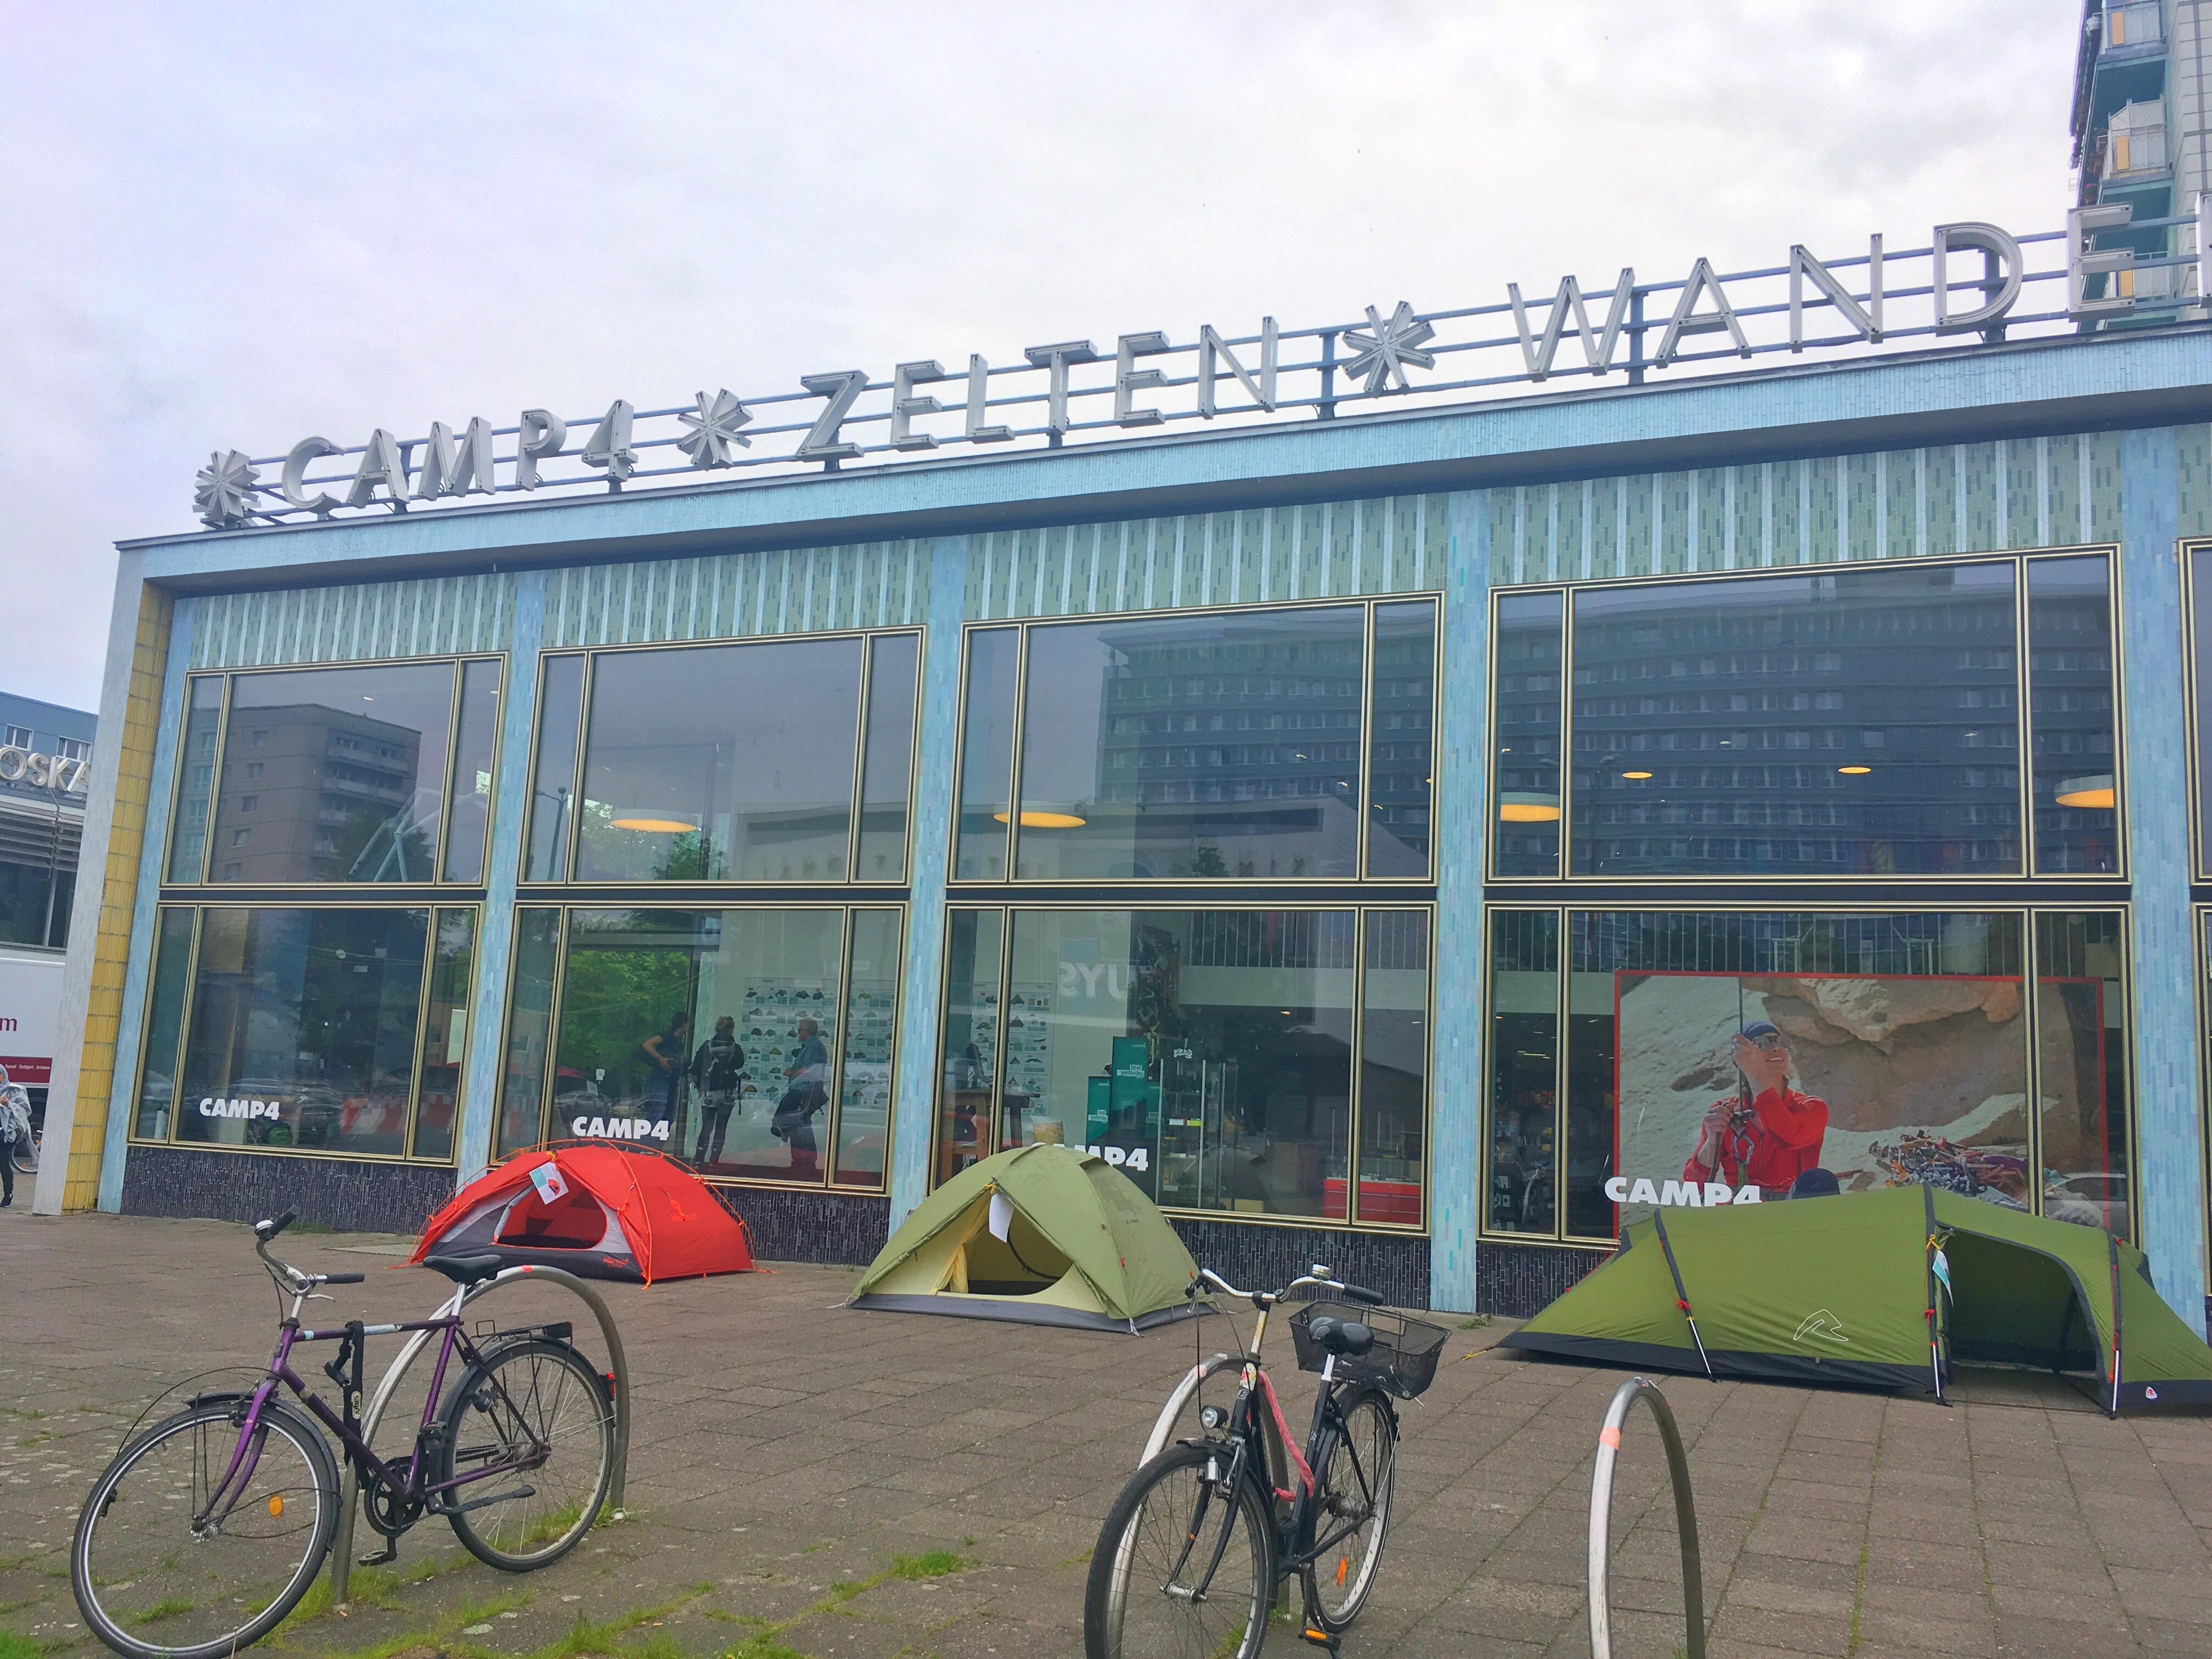 Kletterausrüstung Berlin : Kletter wander und funktionskleidung bei camp 4 mit vergnügen berlin